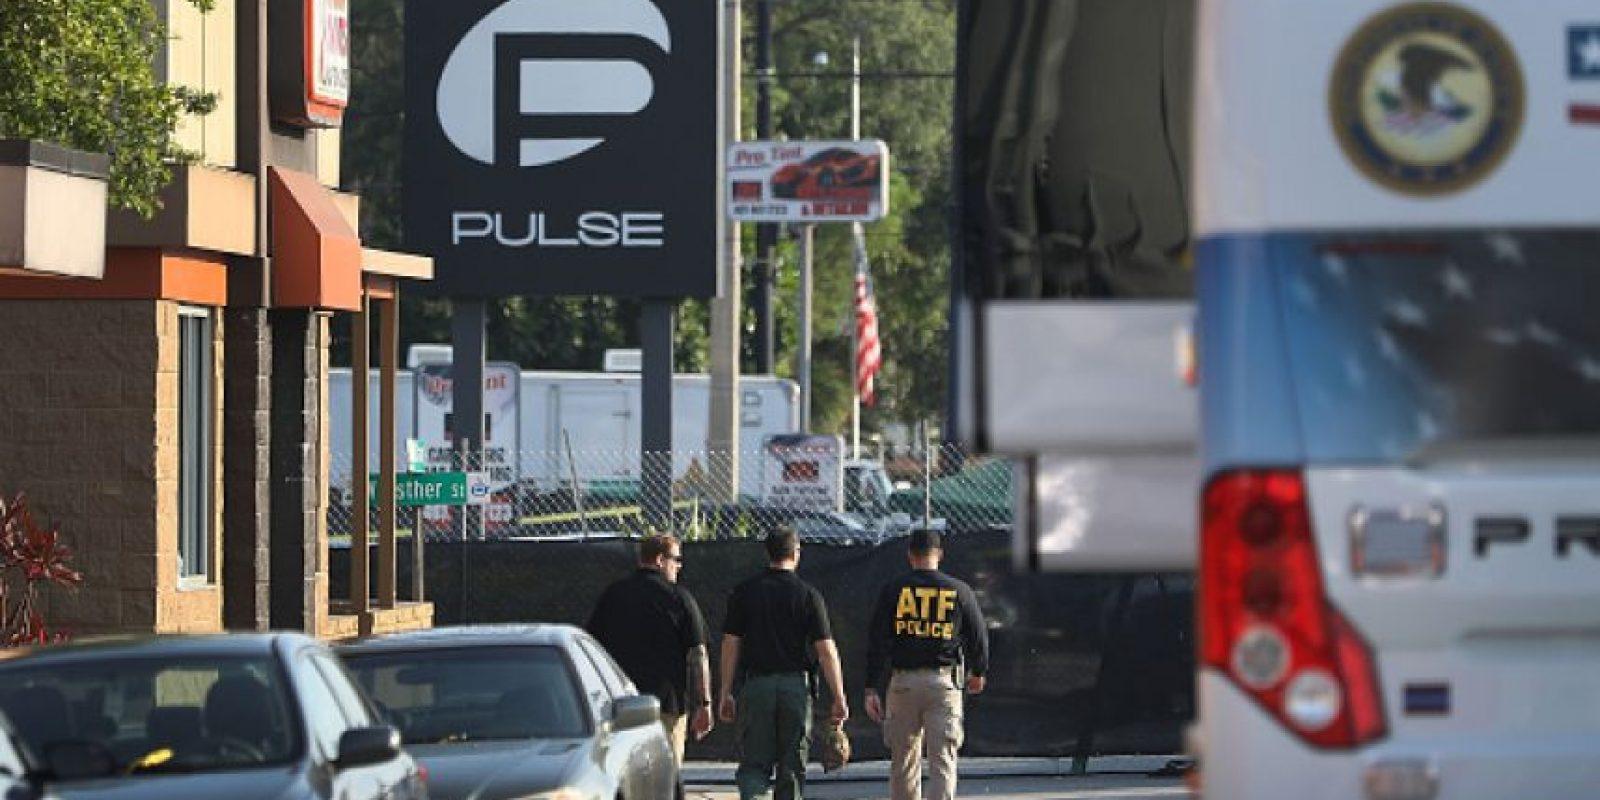 El bar Pulse fue el escenario de la peor matanza en la historia de Estados Unidos Foto:Getty Images